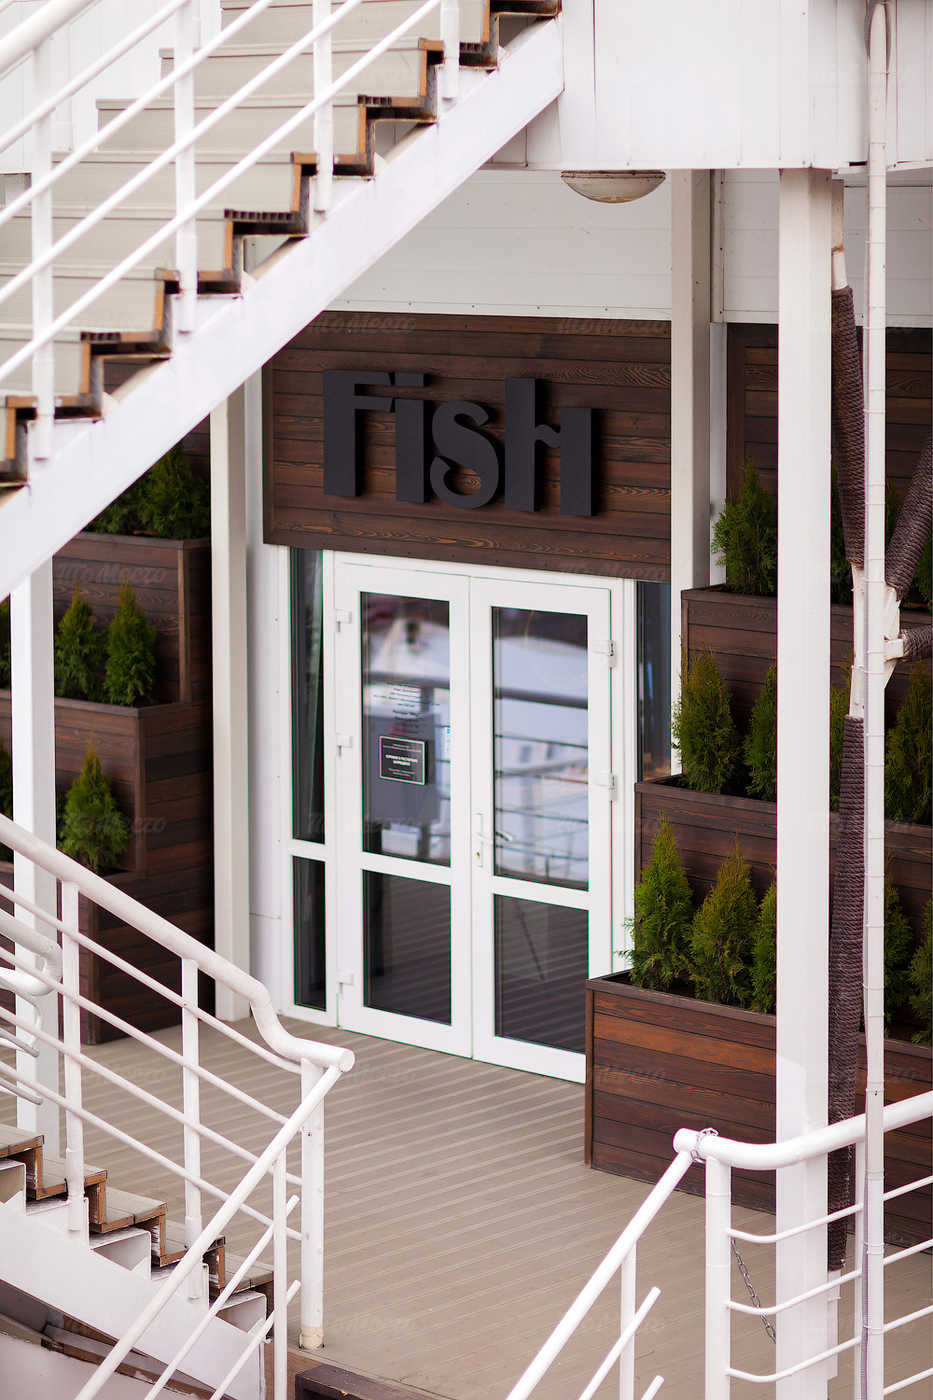 Меню ресторана Фиш (Fish) в набережной Тарасе Шевченко